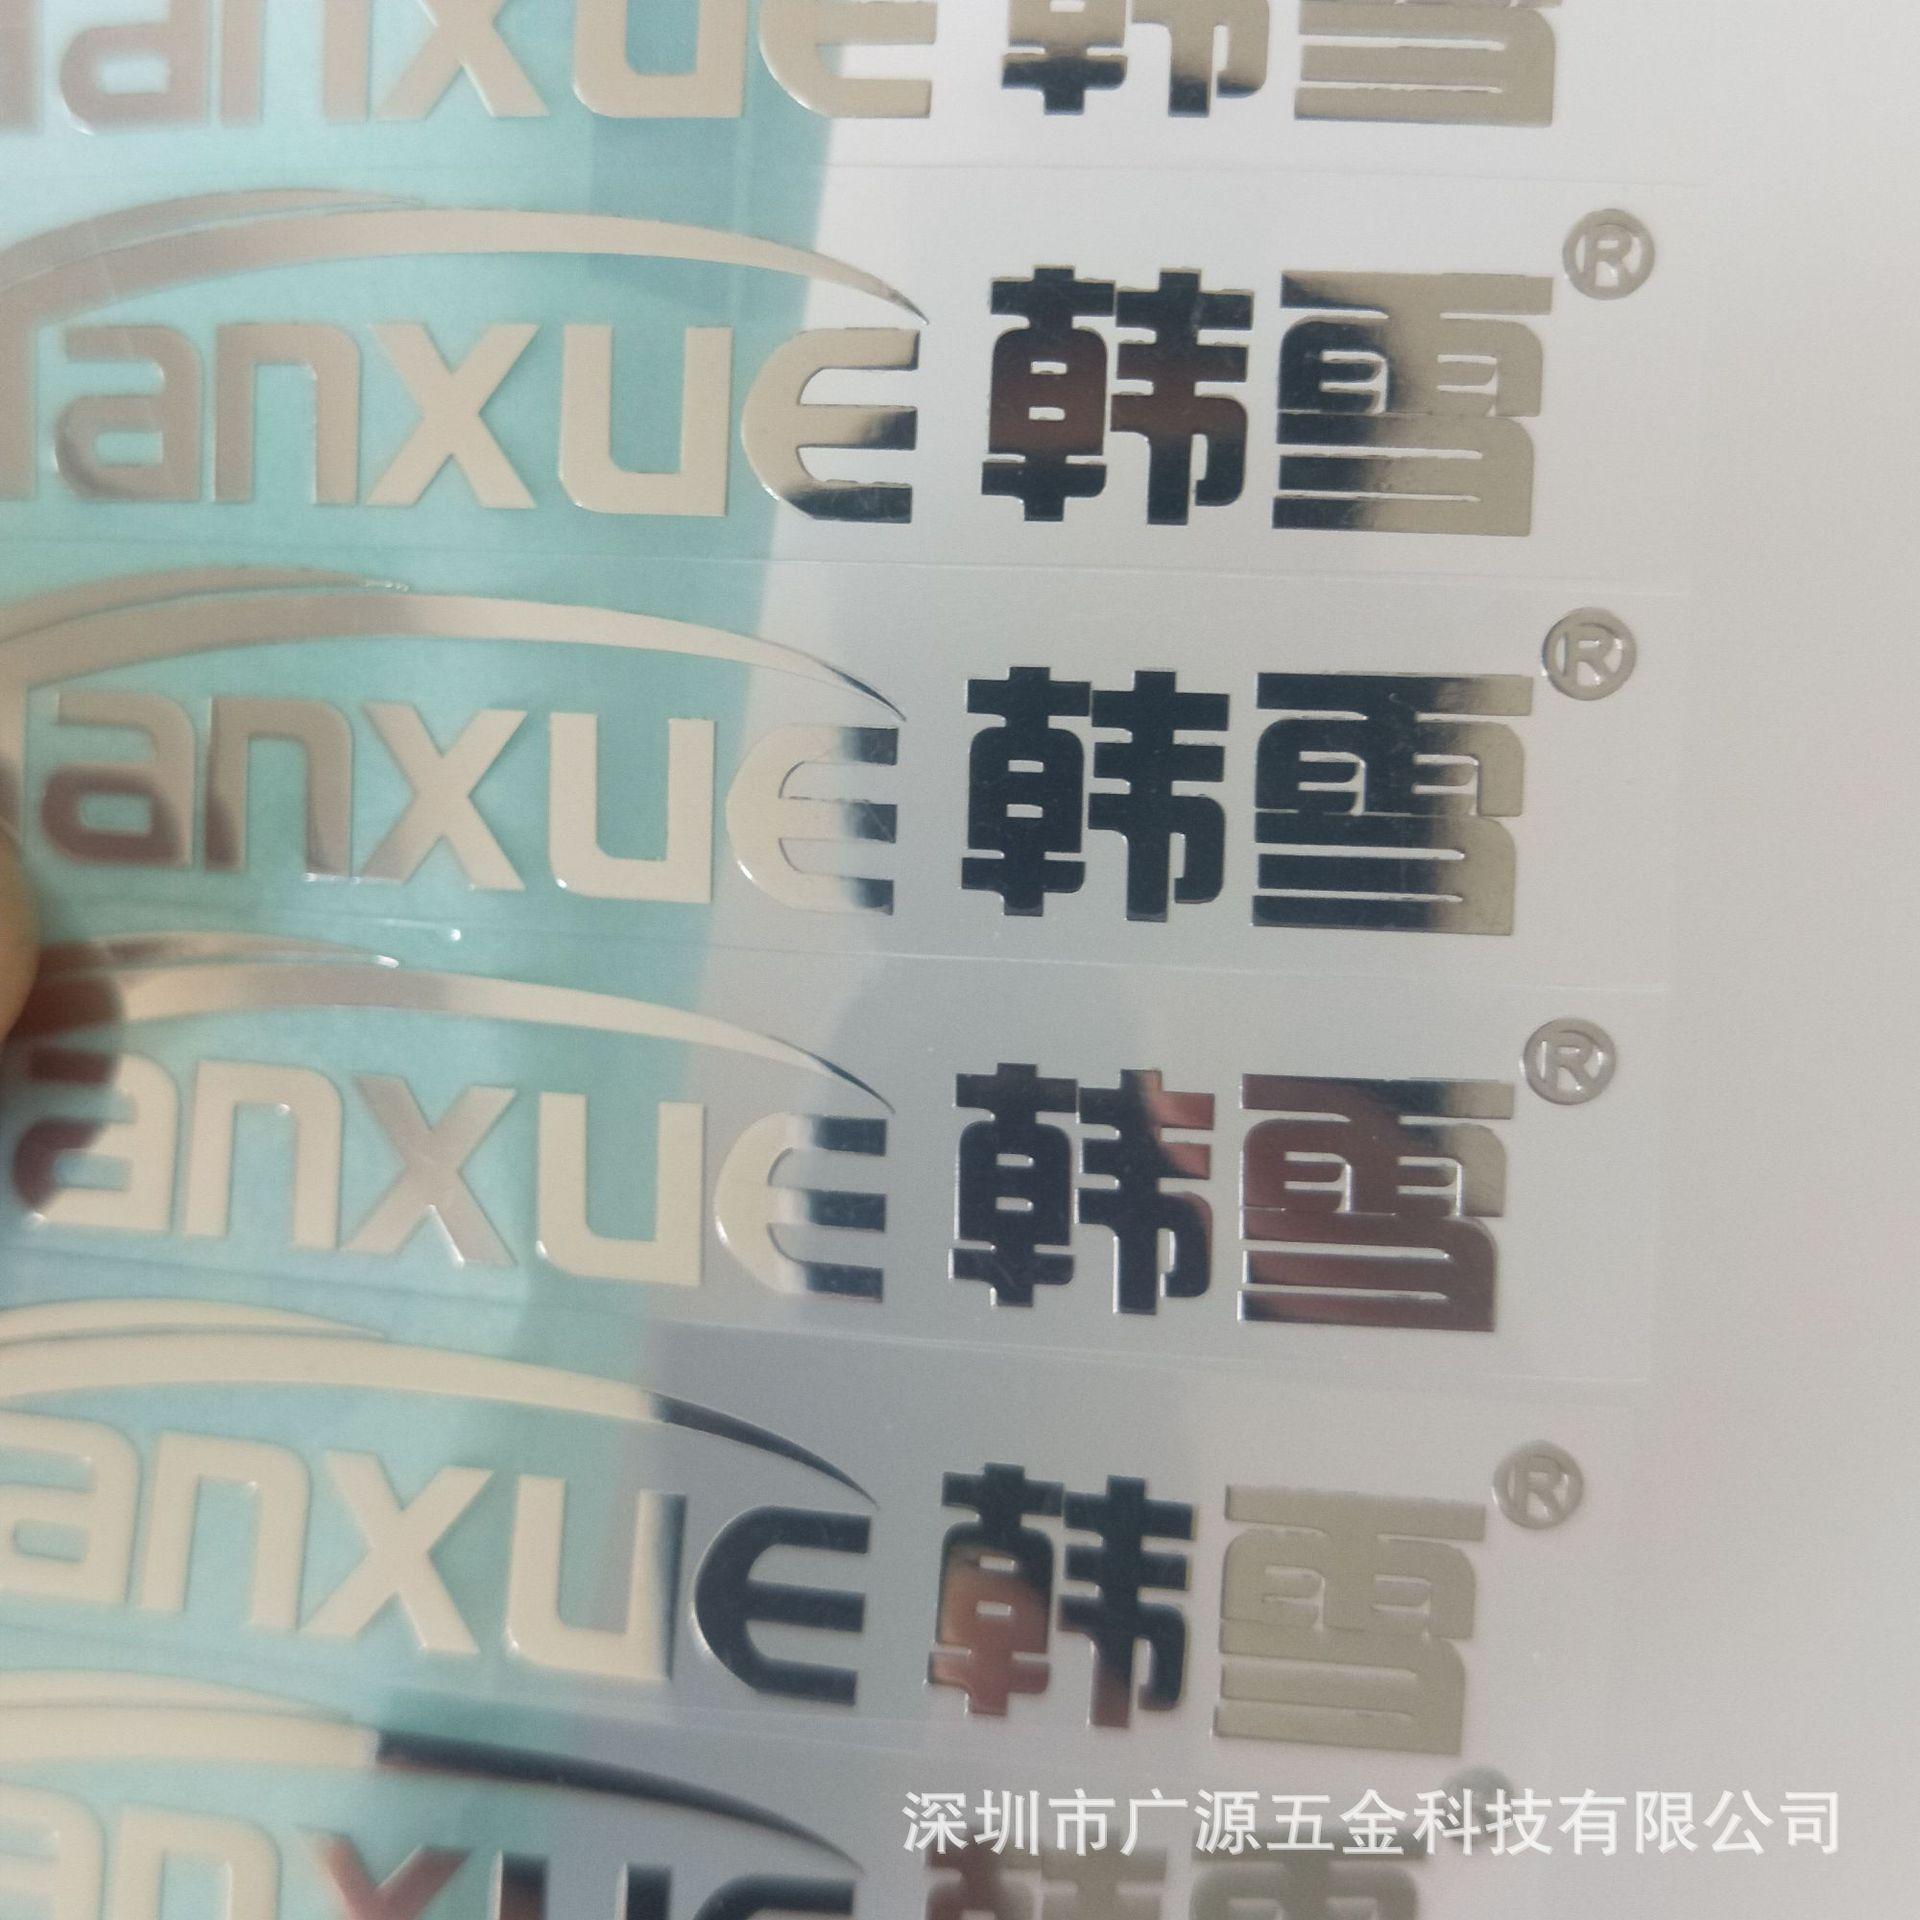 定做各类饮水机铭牌 净水器金属标签 电视机logo 深圳电铸up标